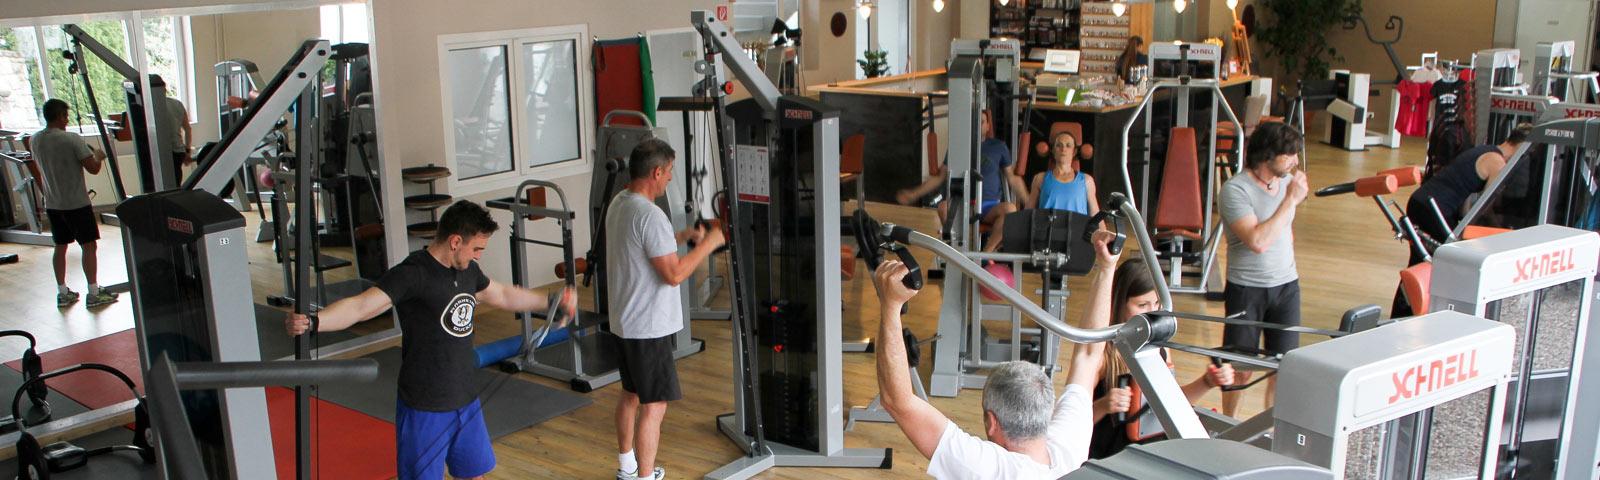 Firmen-Fitness-8583